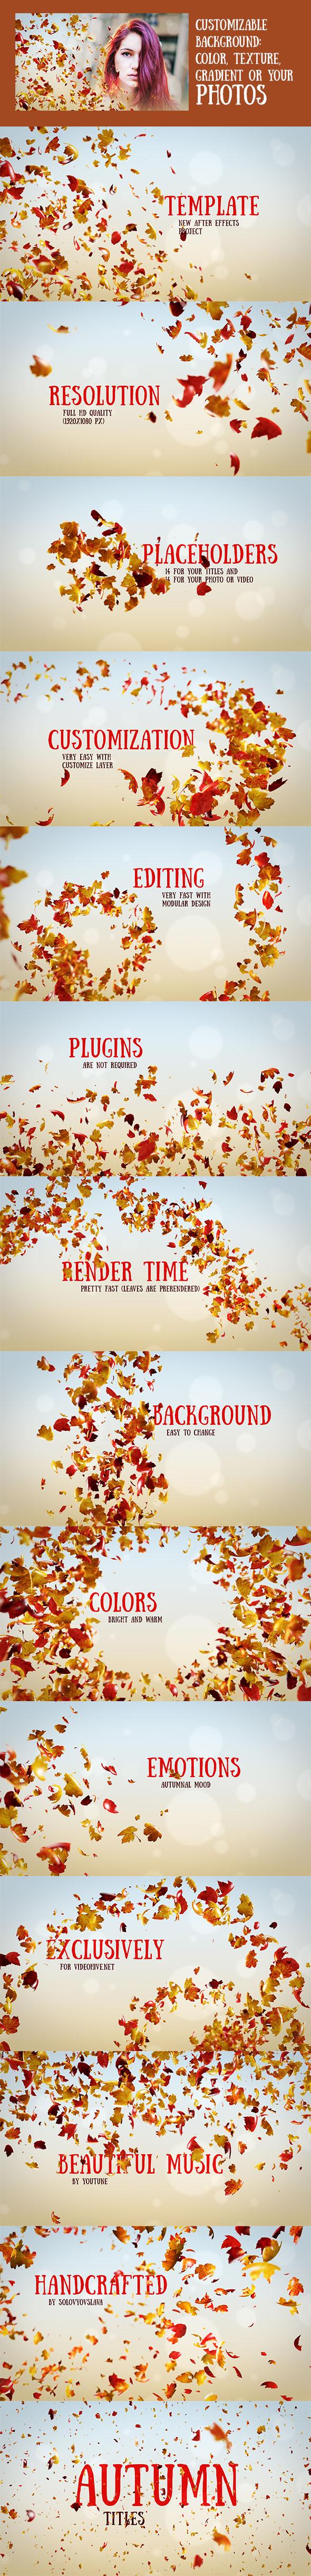 Autumn Titles